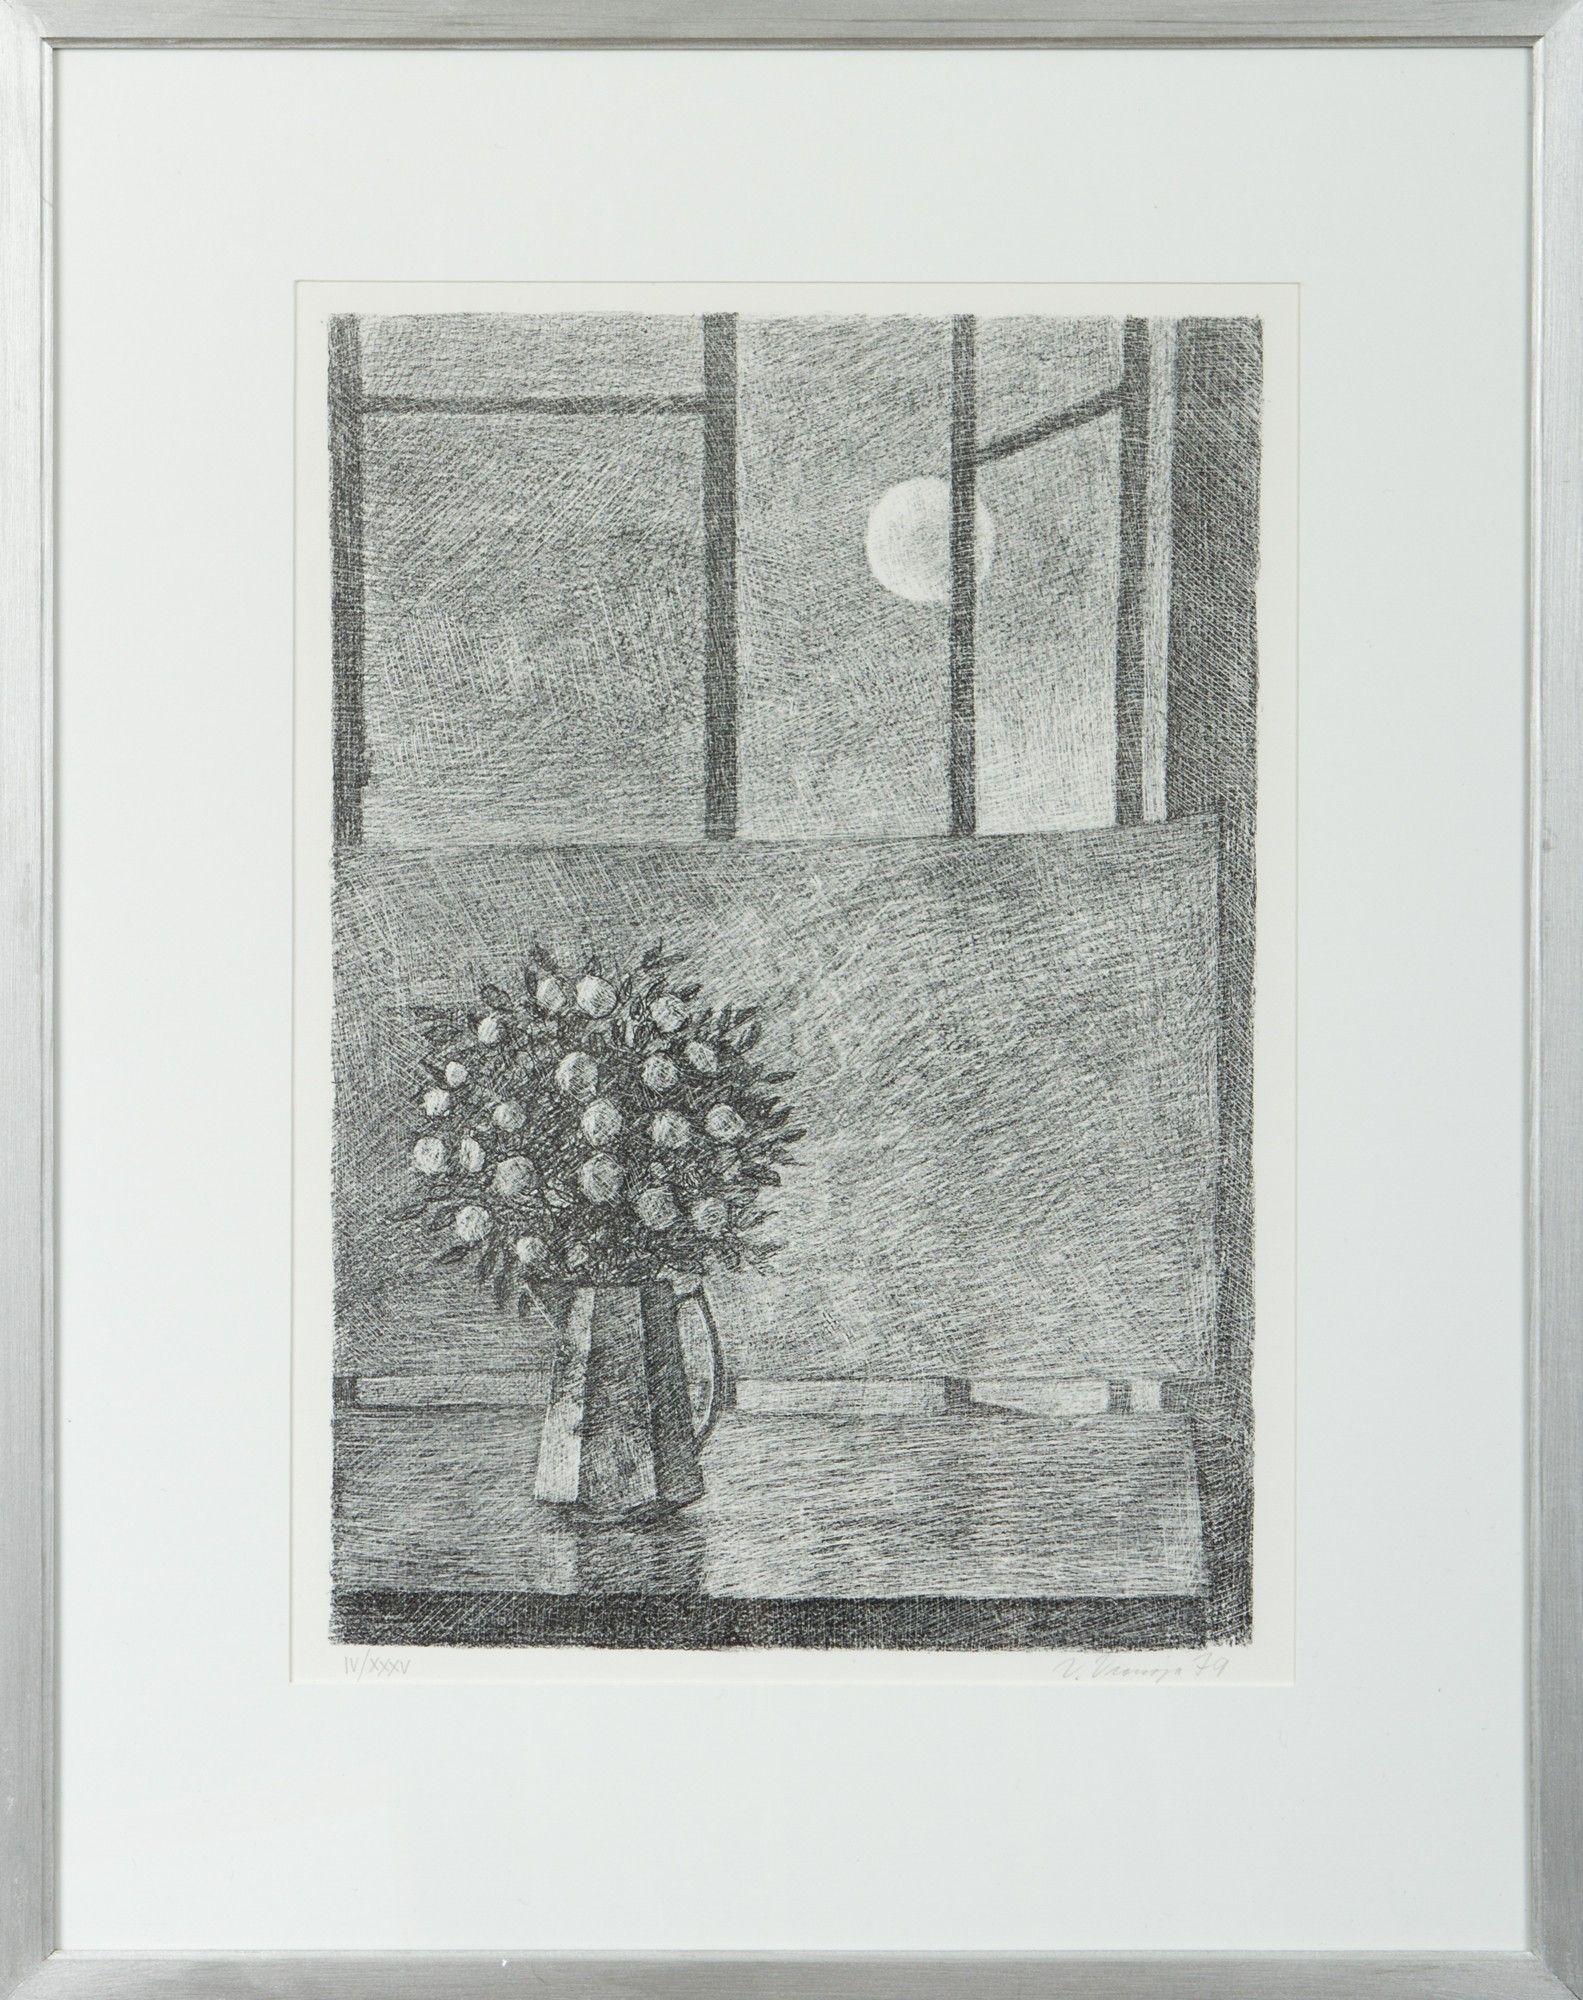 Veikko Vionoja, 1979, litografia, edition IV/XXXV - Hagelstam A131